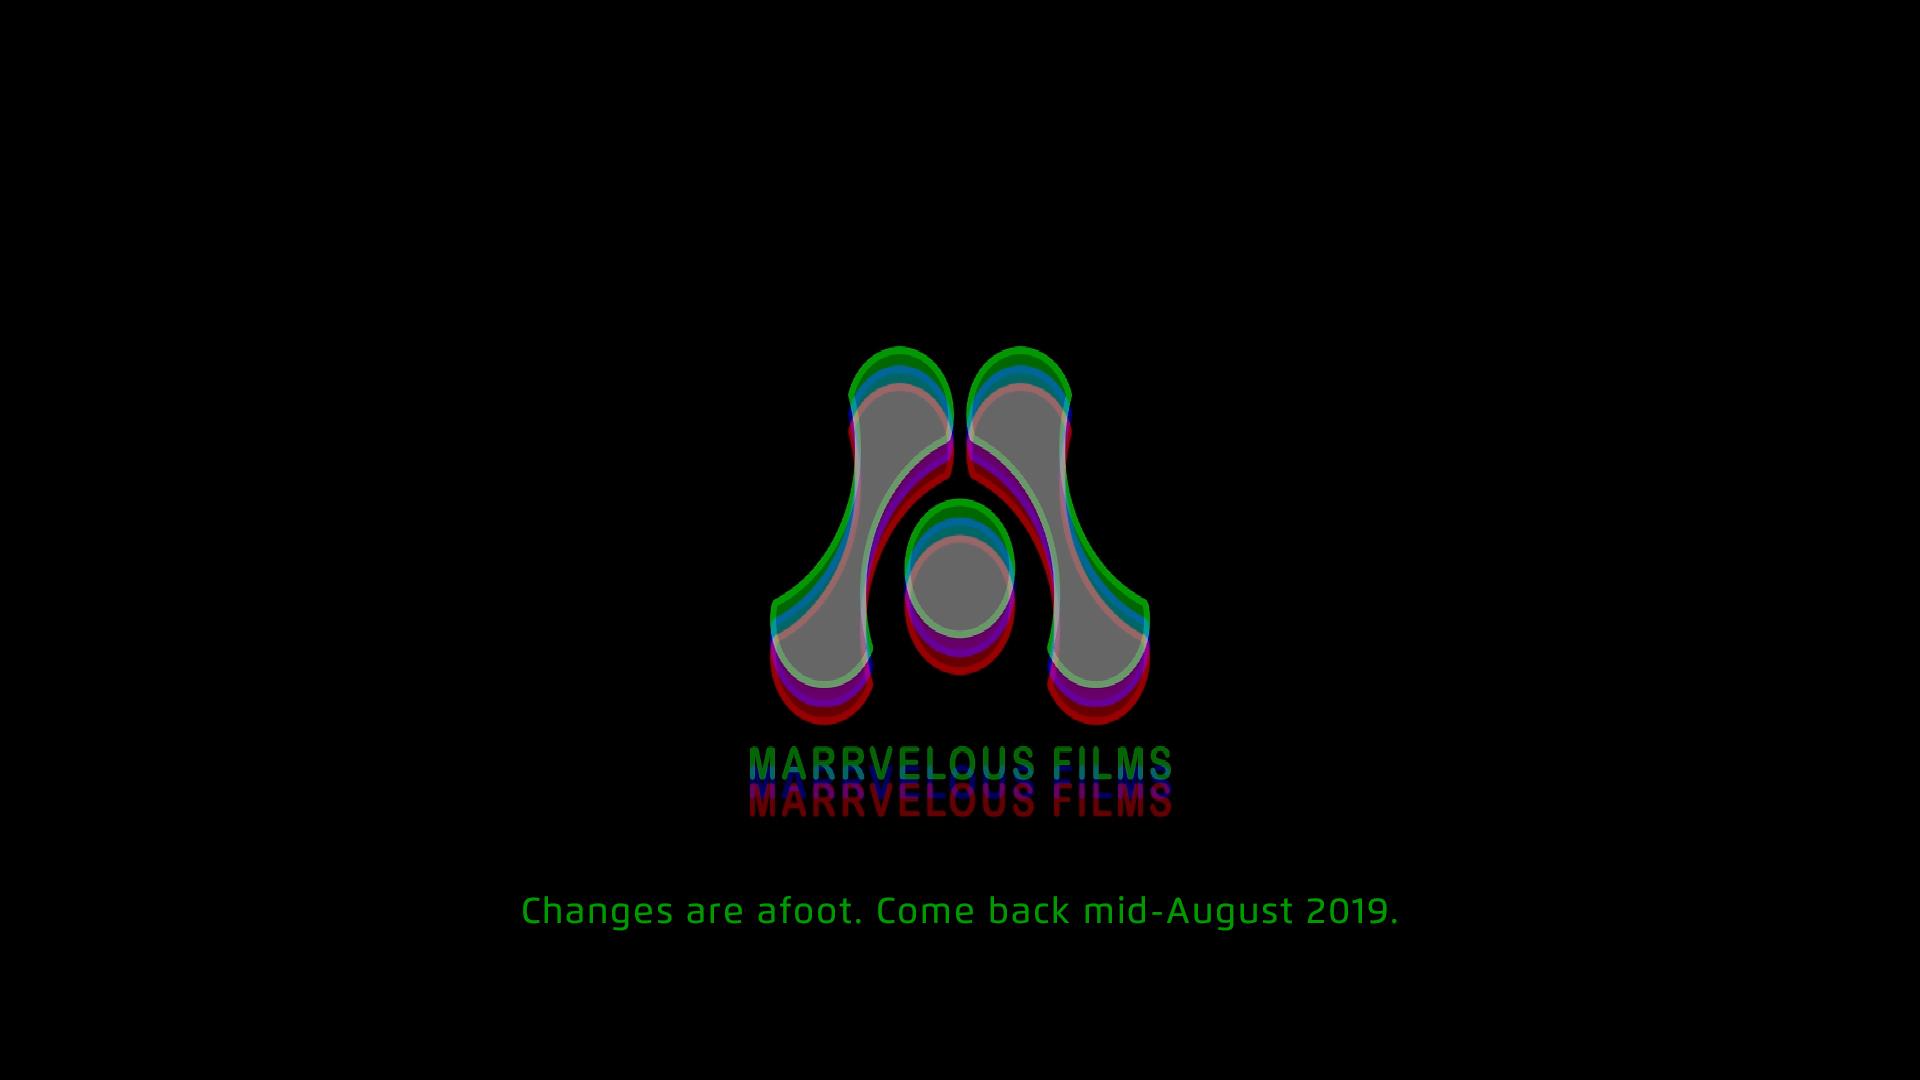 Marrvelous Films